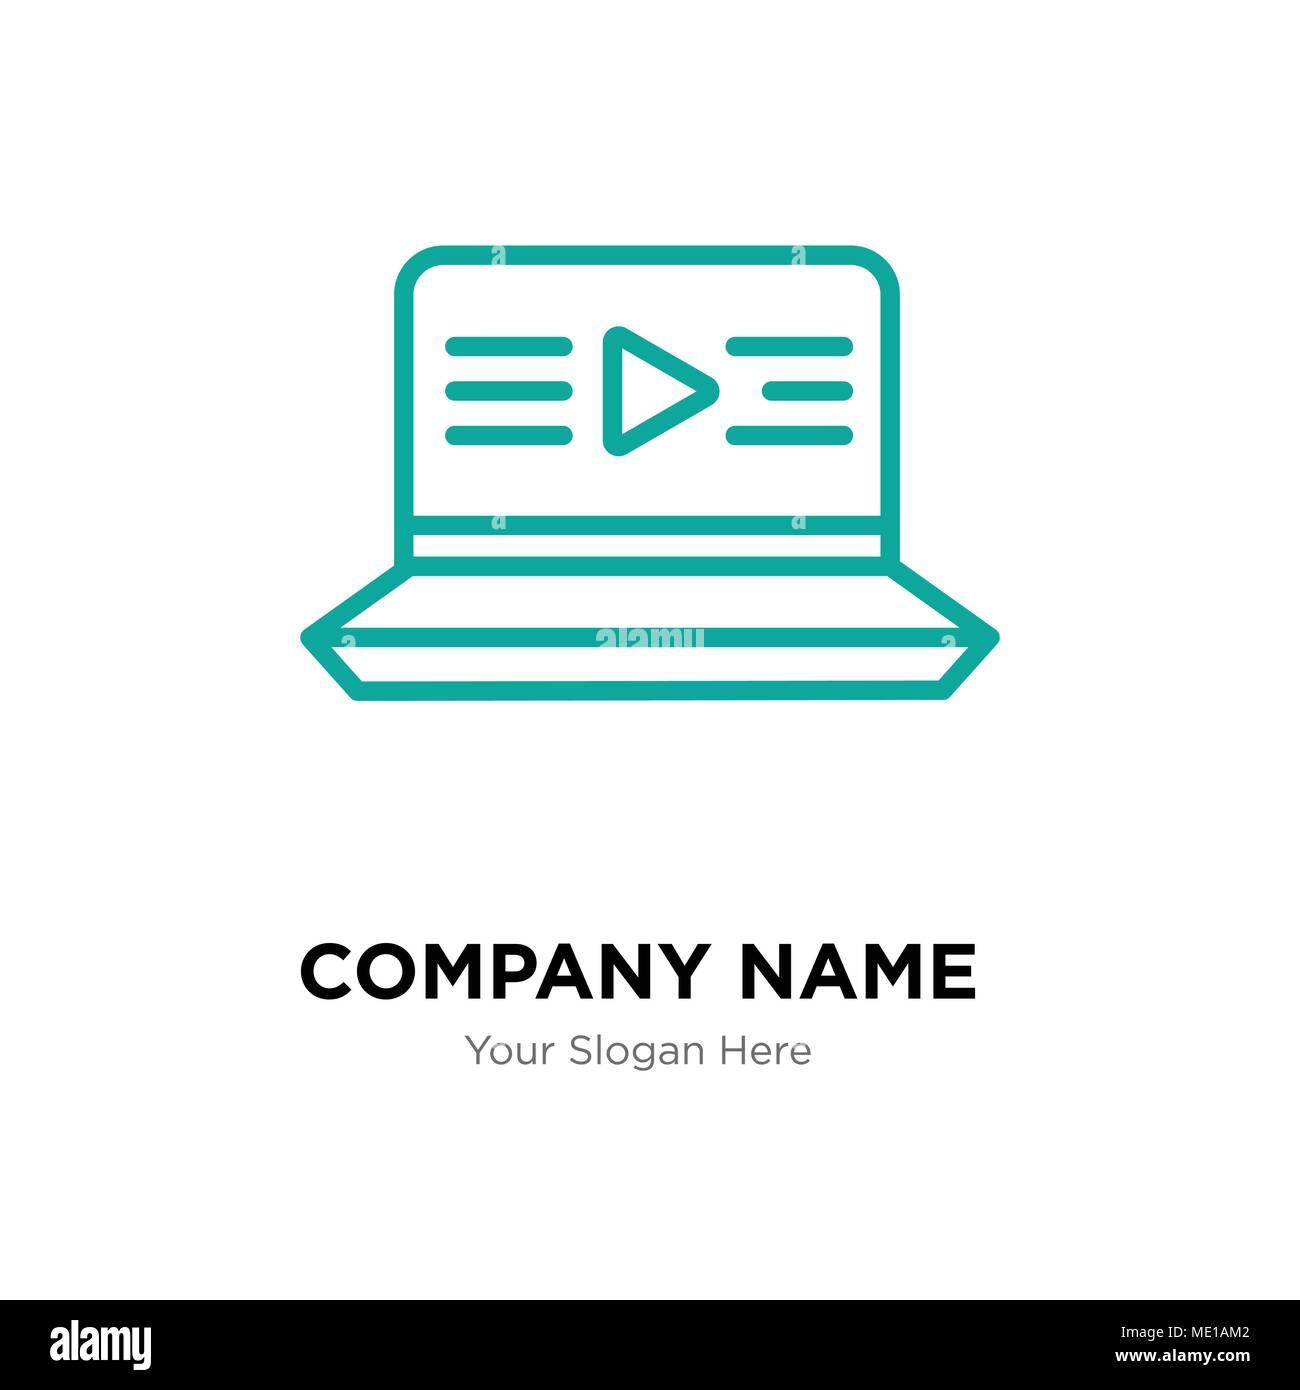 Film Company Logo Design Template Business Corporate Vektor Icon